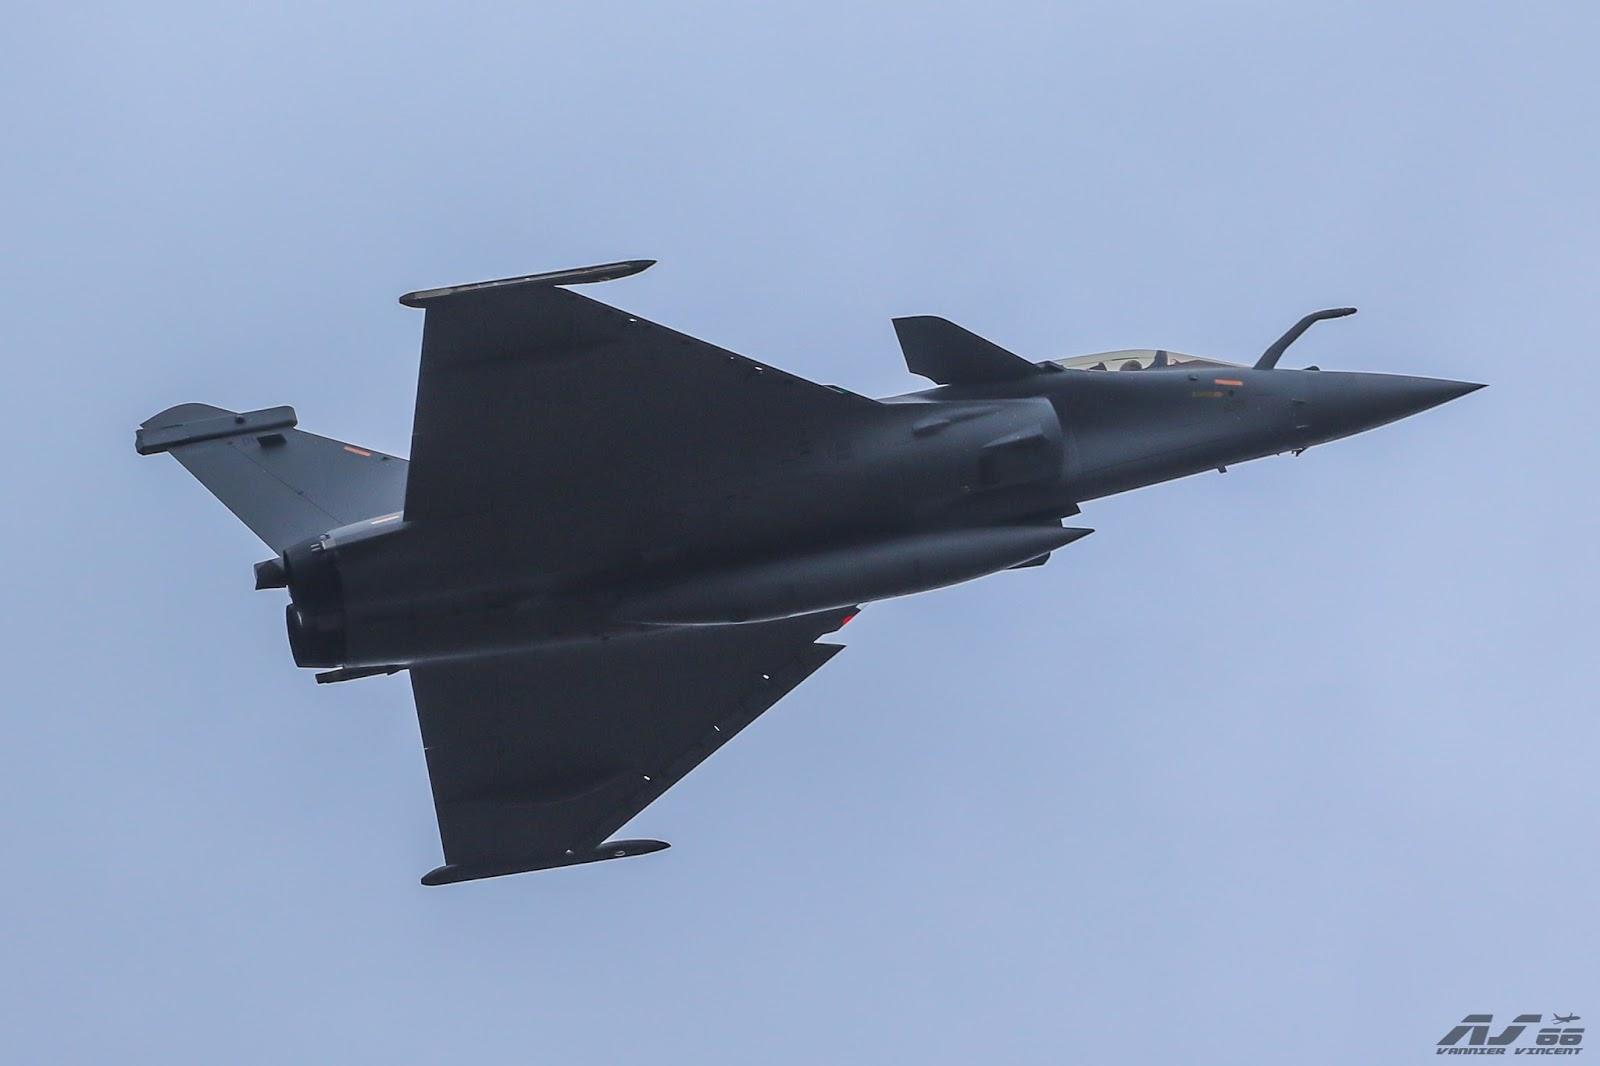 قائد القوات الجوية المصريه: استلام 8 طائرات رافال في 2017 وتنسيق مع «واشنطن» لتحديث الـ f16.. DM16-1-3